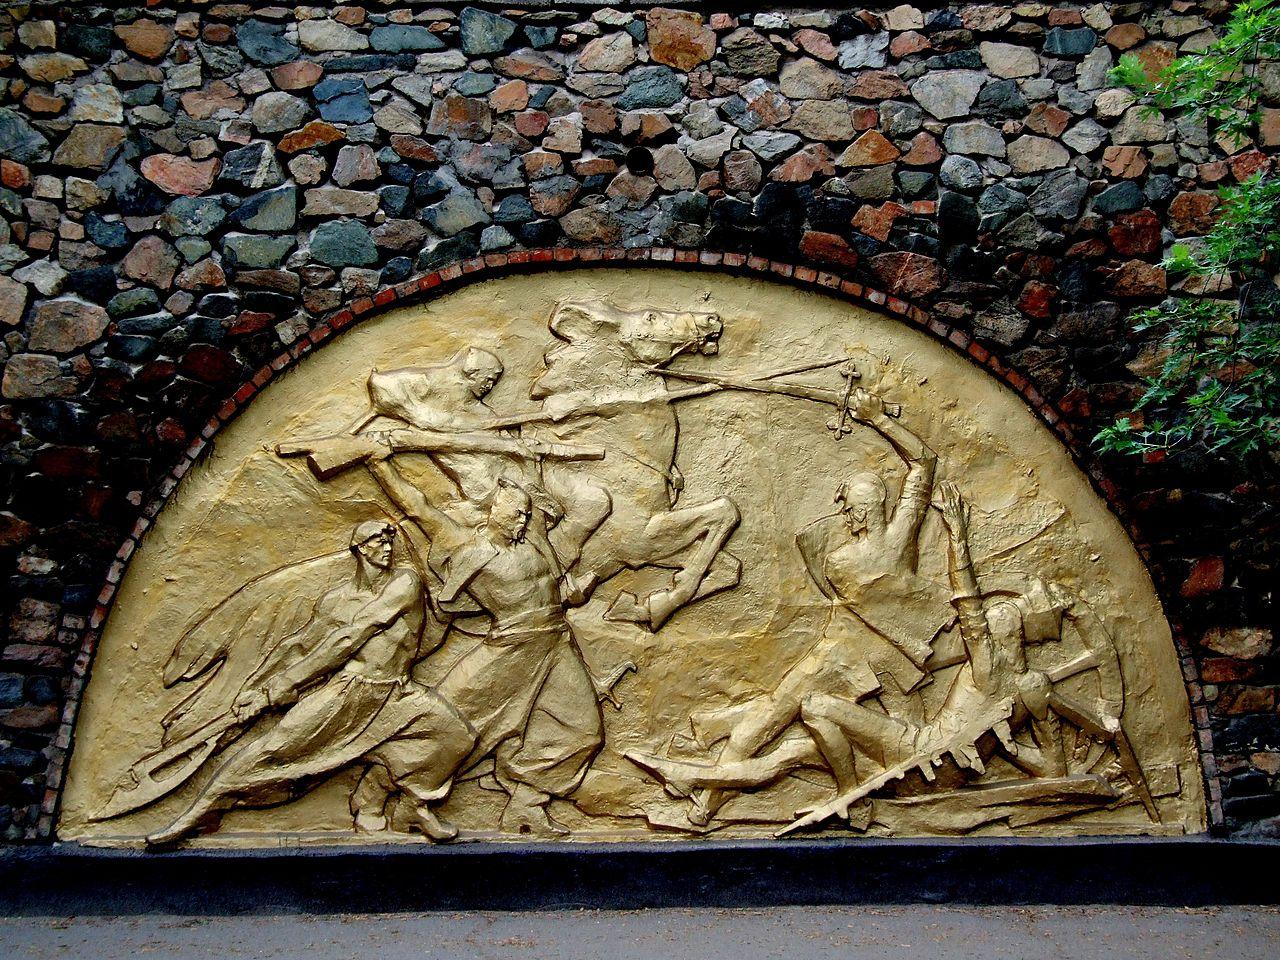 Памятник в честь битвы войск Хмельницкого и Речи Посполитой